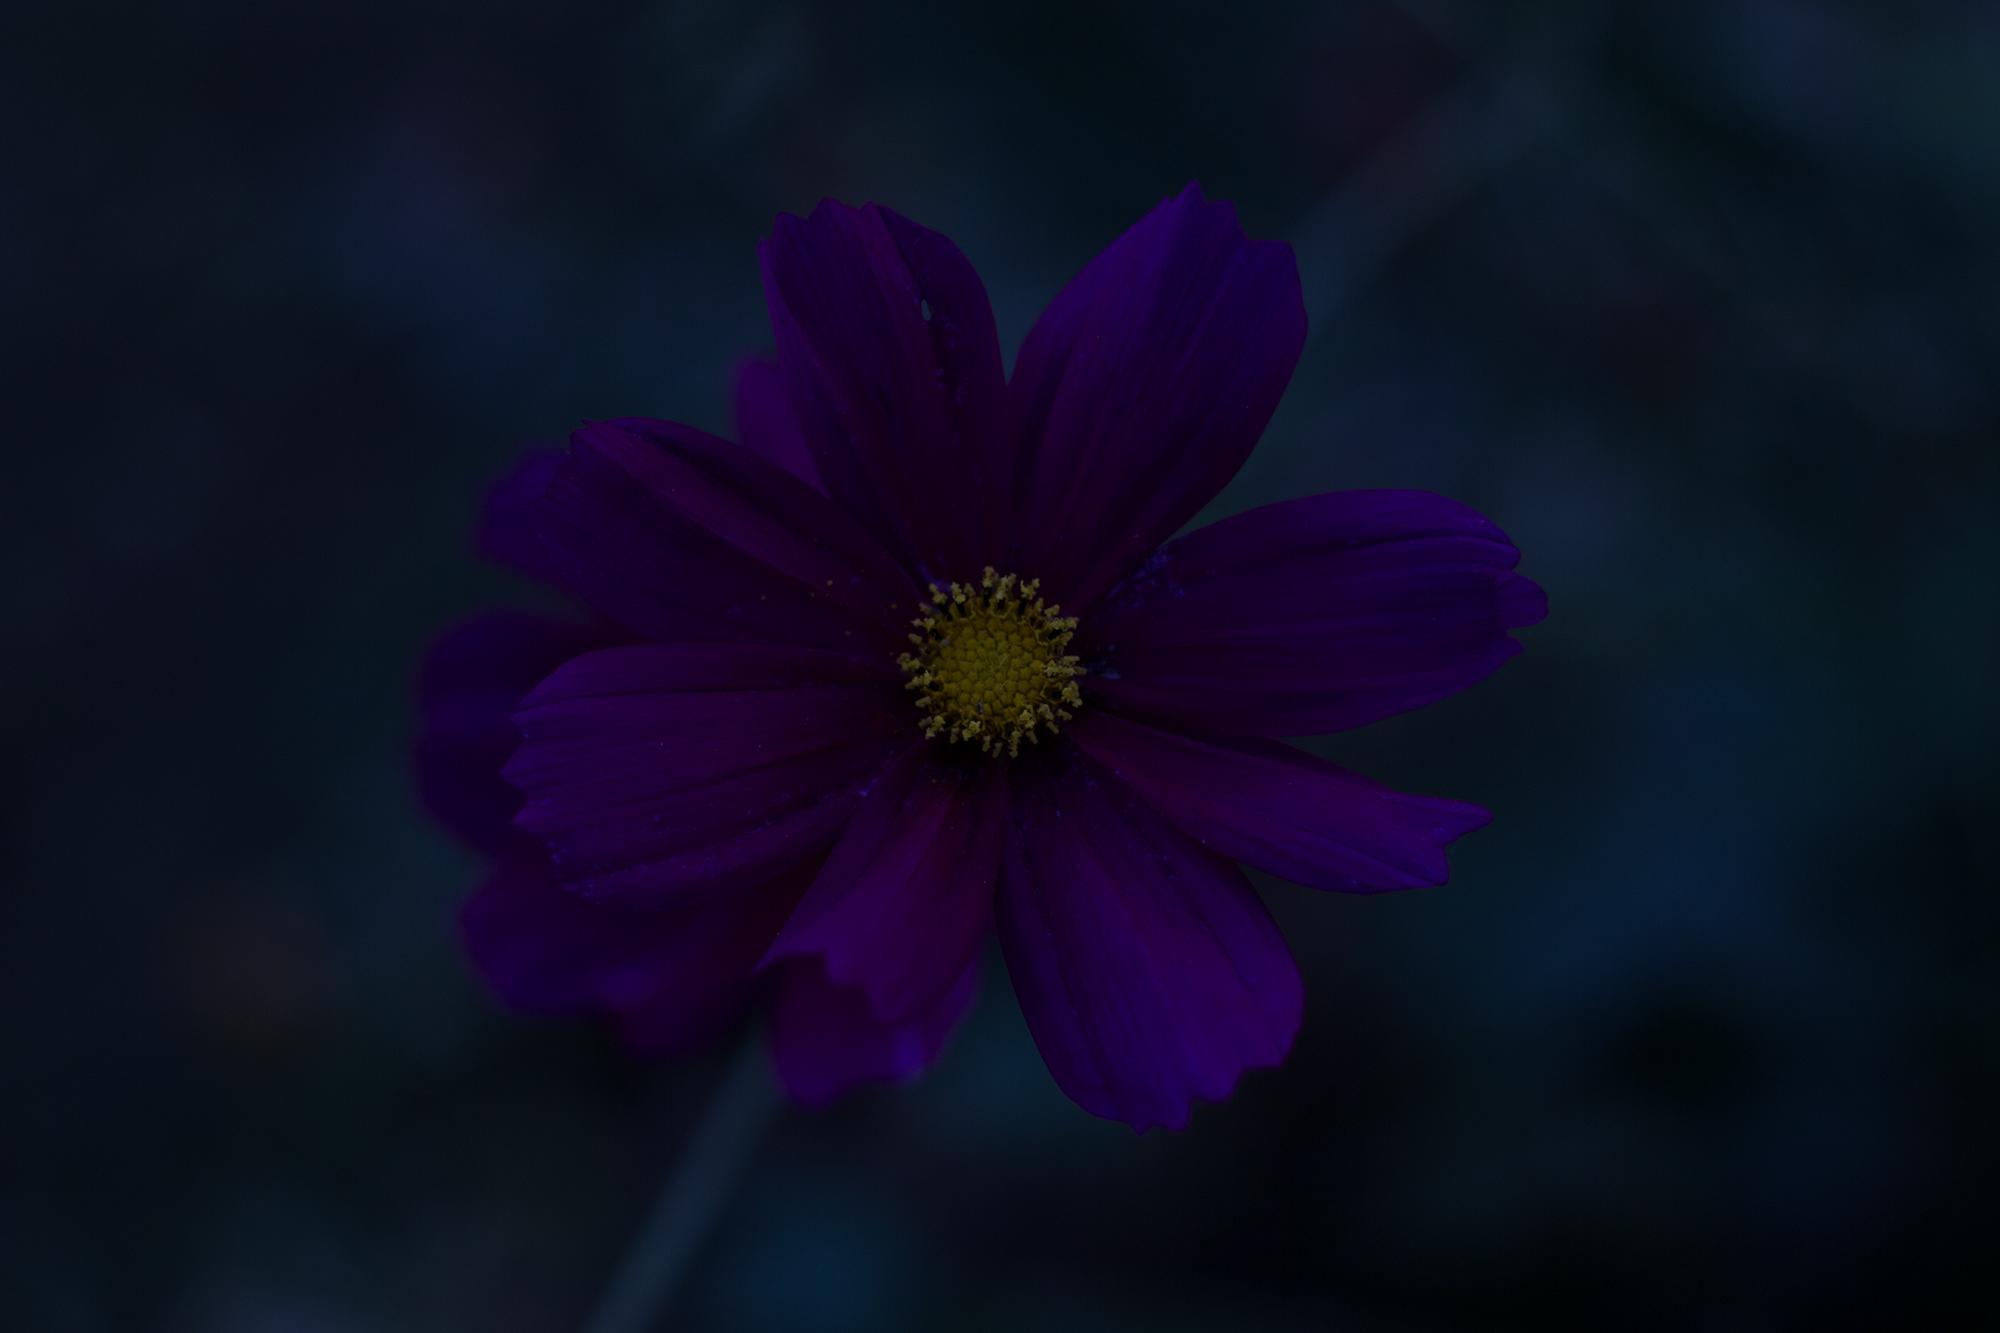 Unterbelichtete Blume